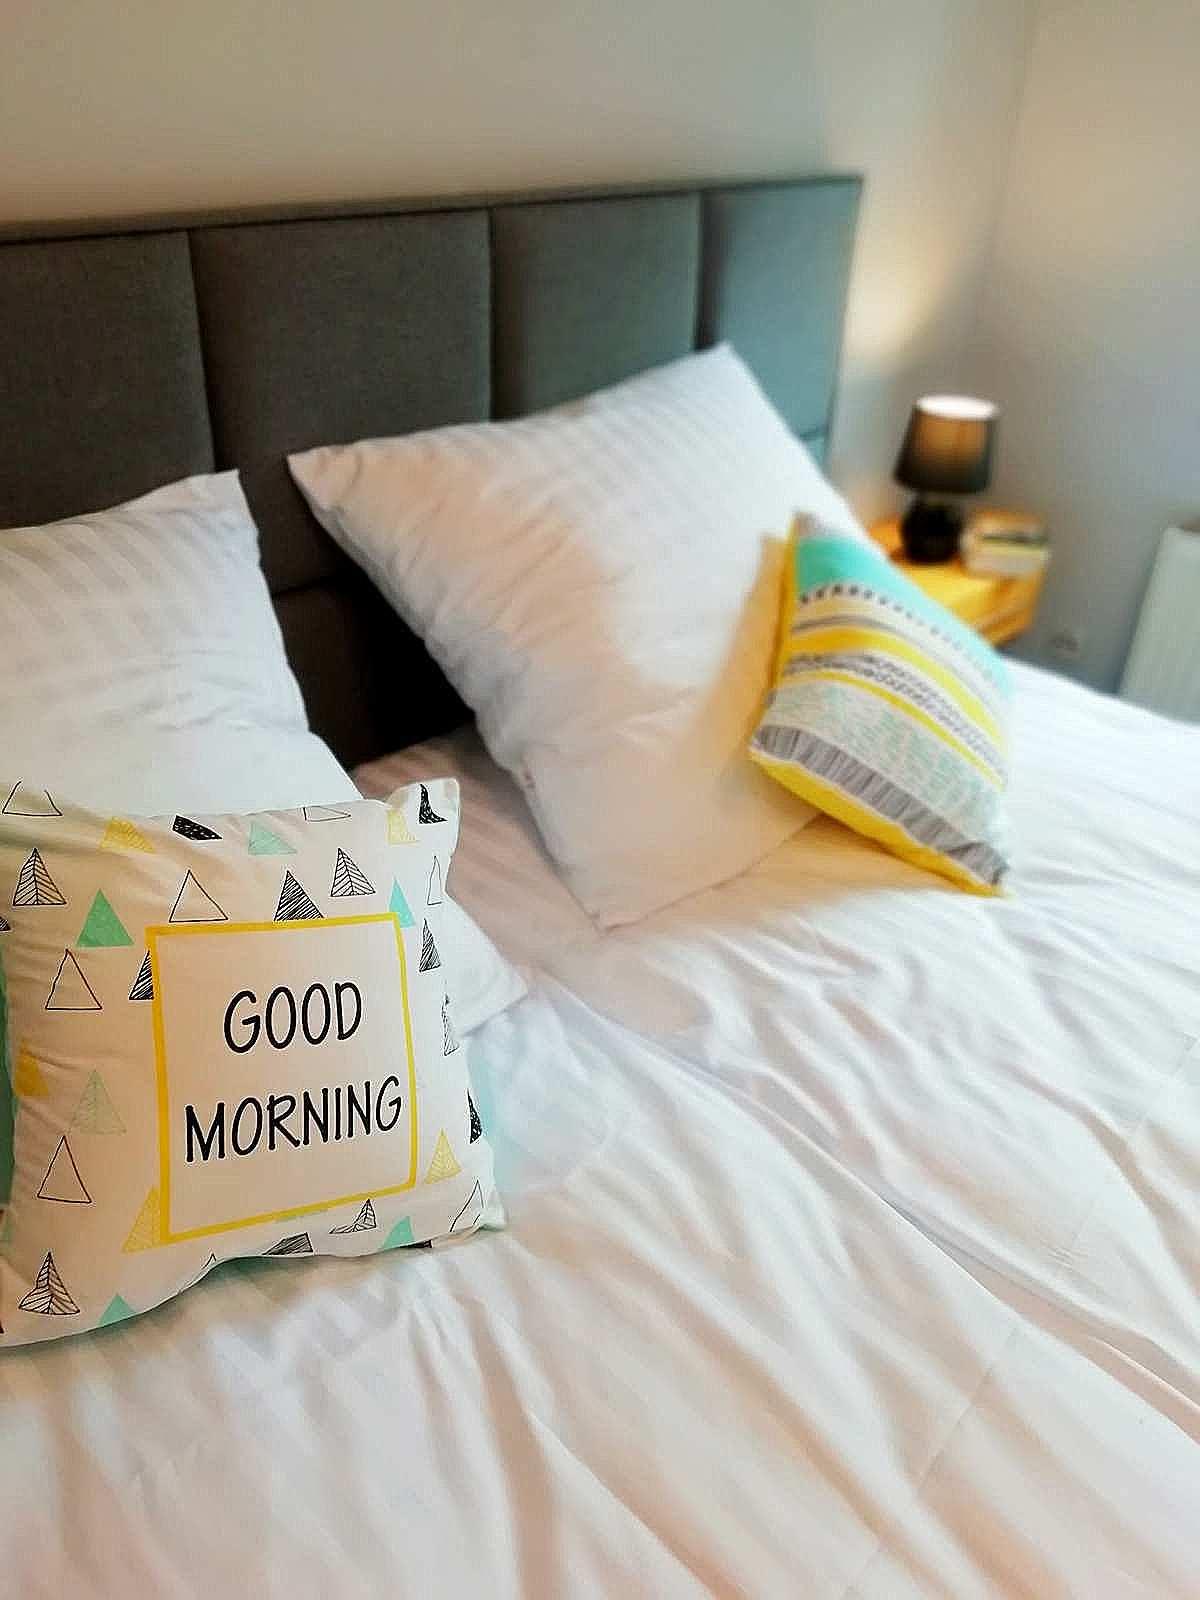 poduszki apartamentu fabryka endorfin w kłodzku/pillows in apartment Fabryka Endorfin Klodzko